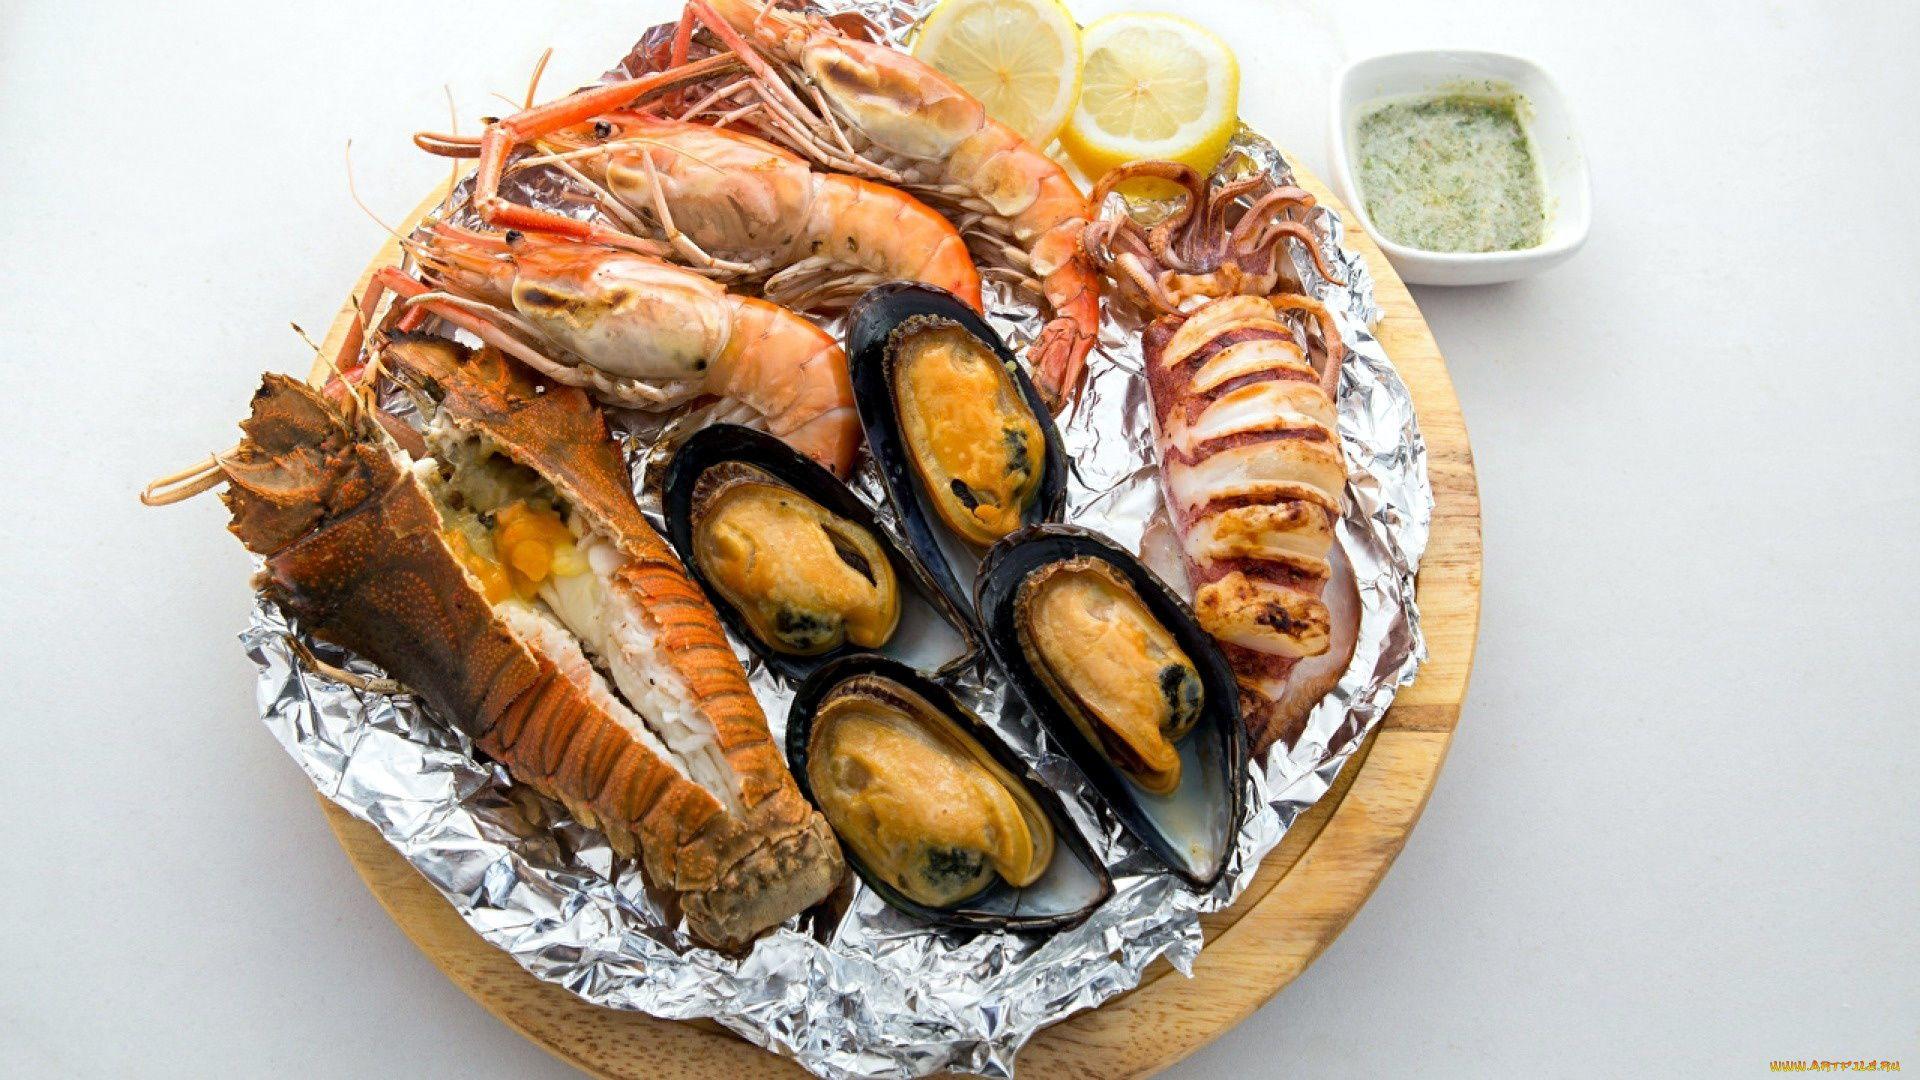 Lobster full hd wallpaper